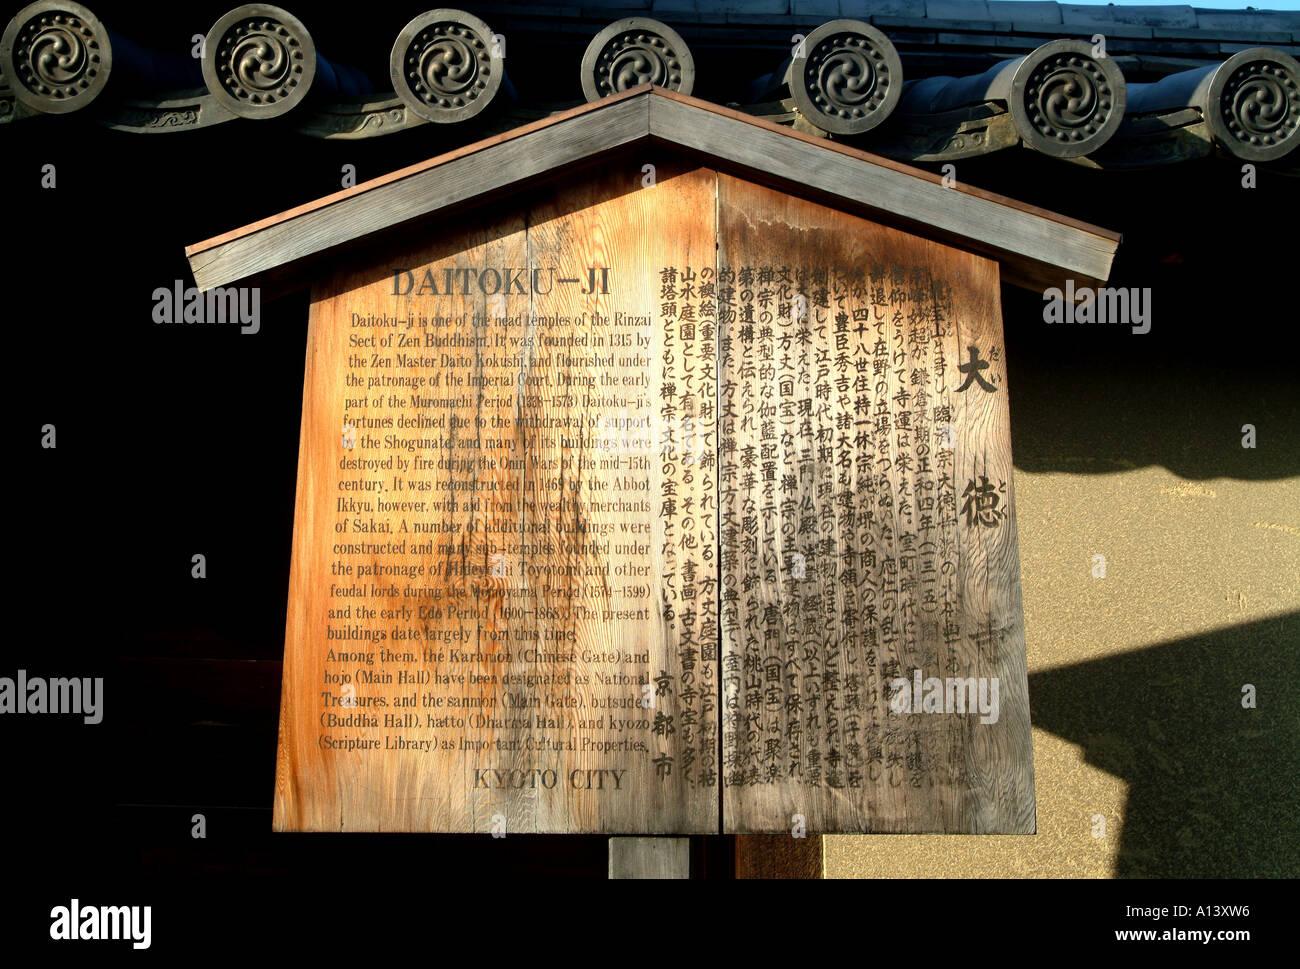 Daitokuji Temple sign Kyoto Japan - Stock Image